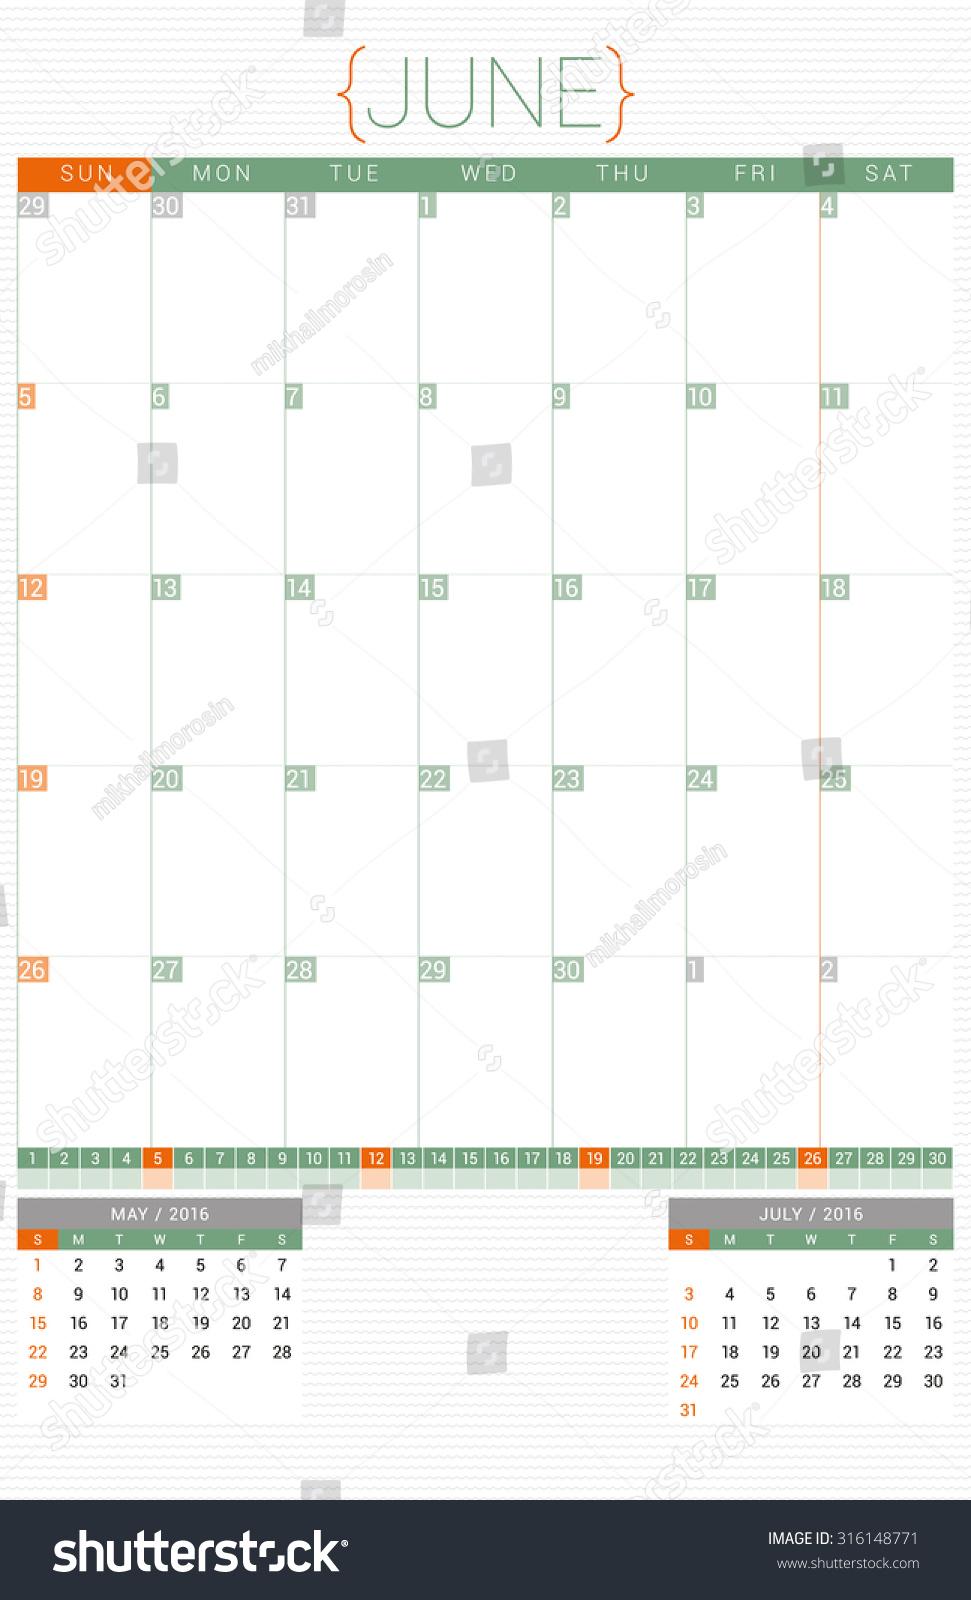 Calendar Planner Design : Calendar planner design template june stock vector